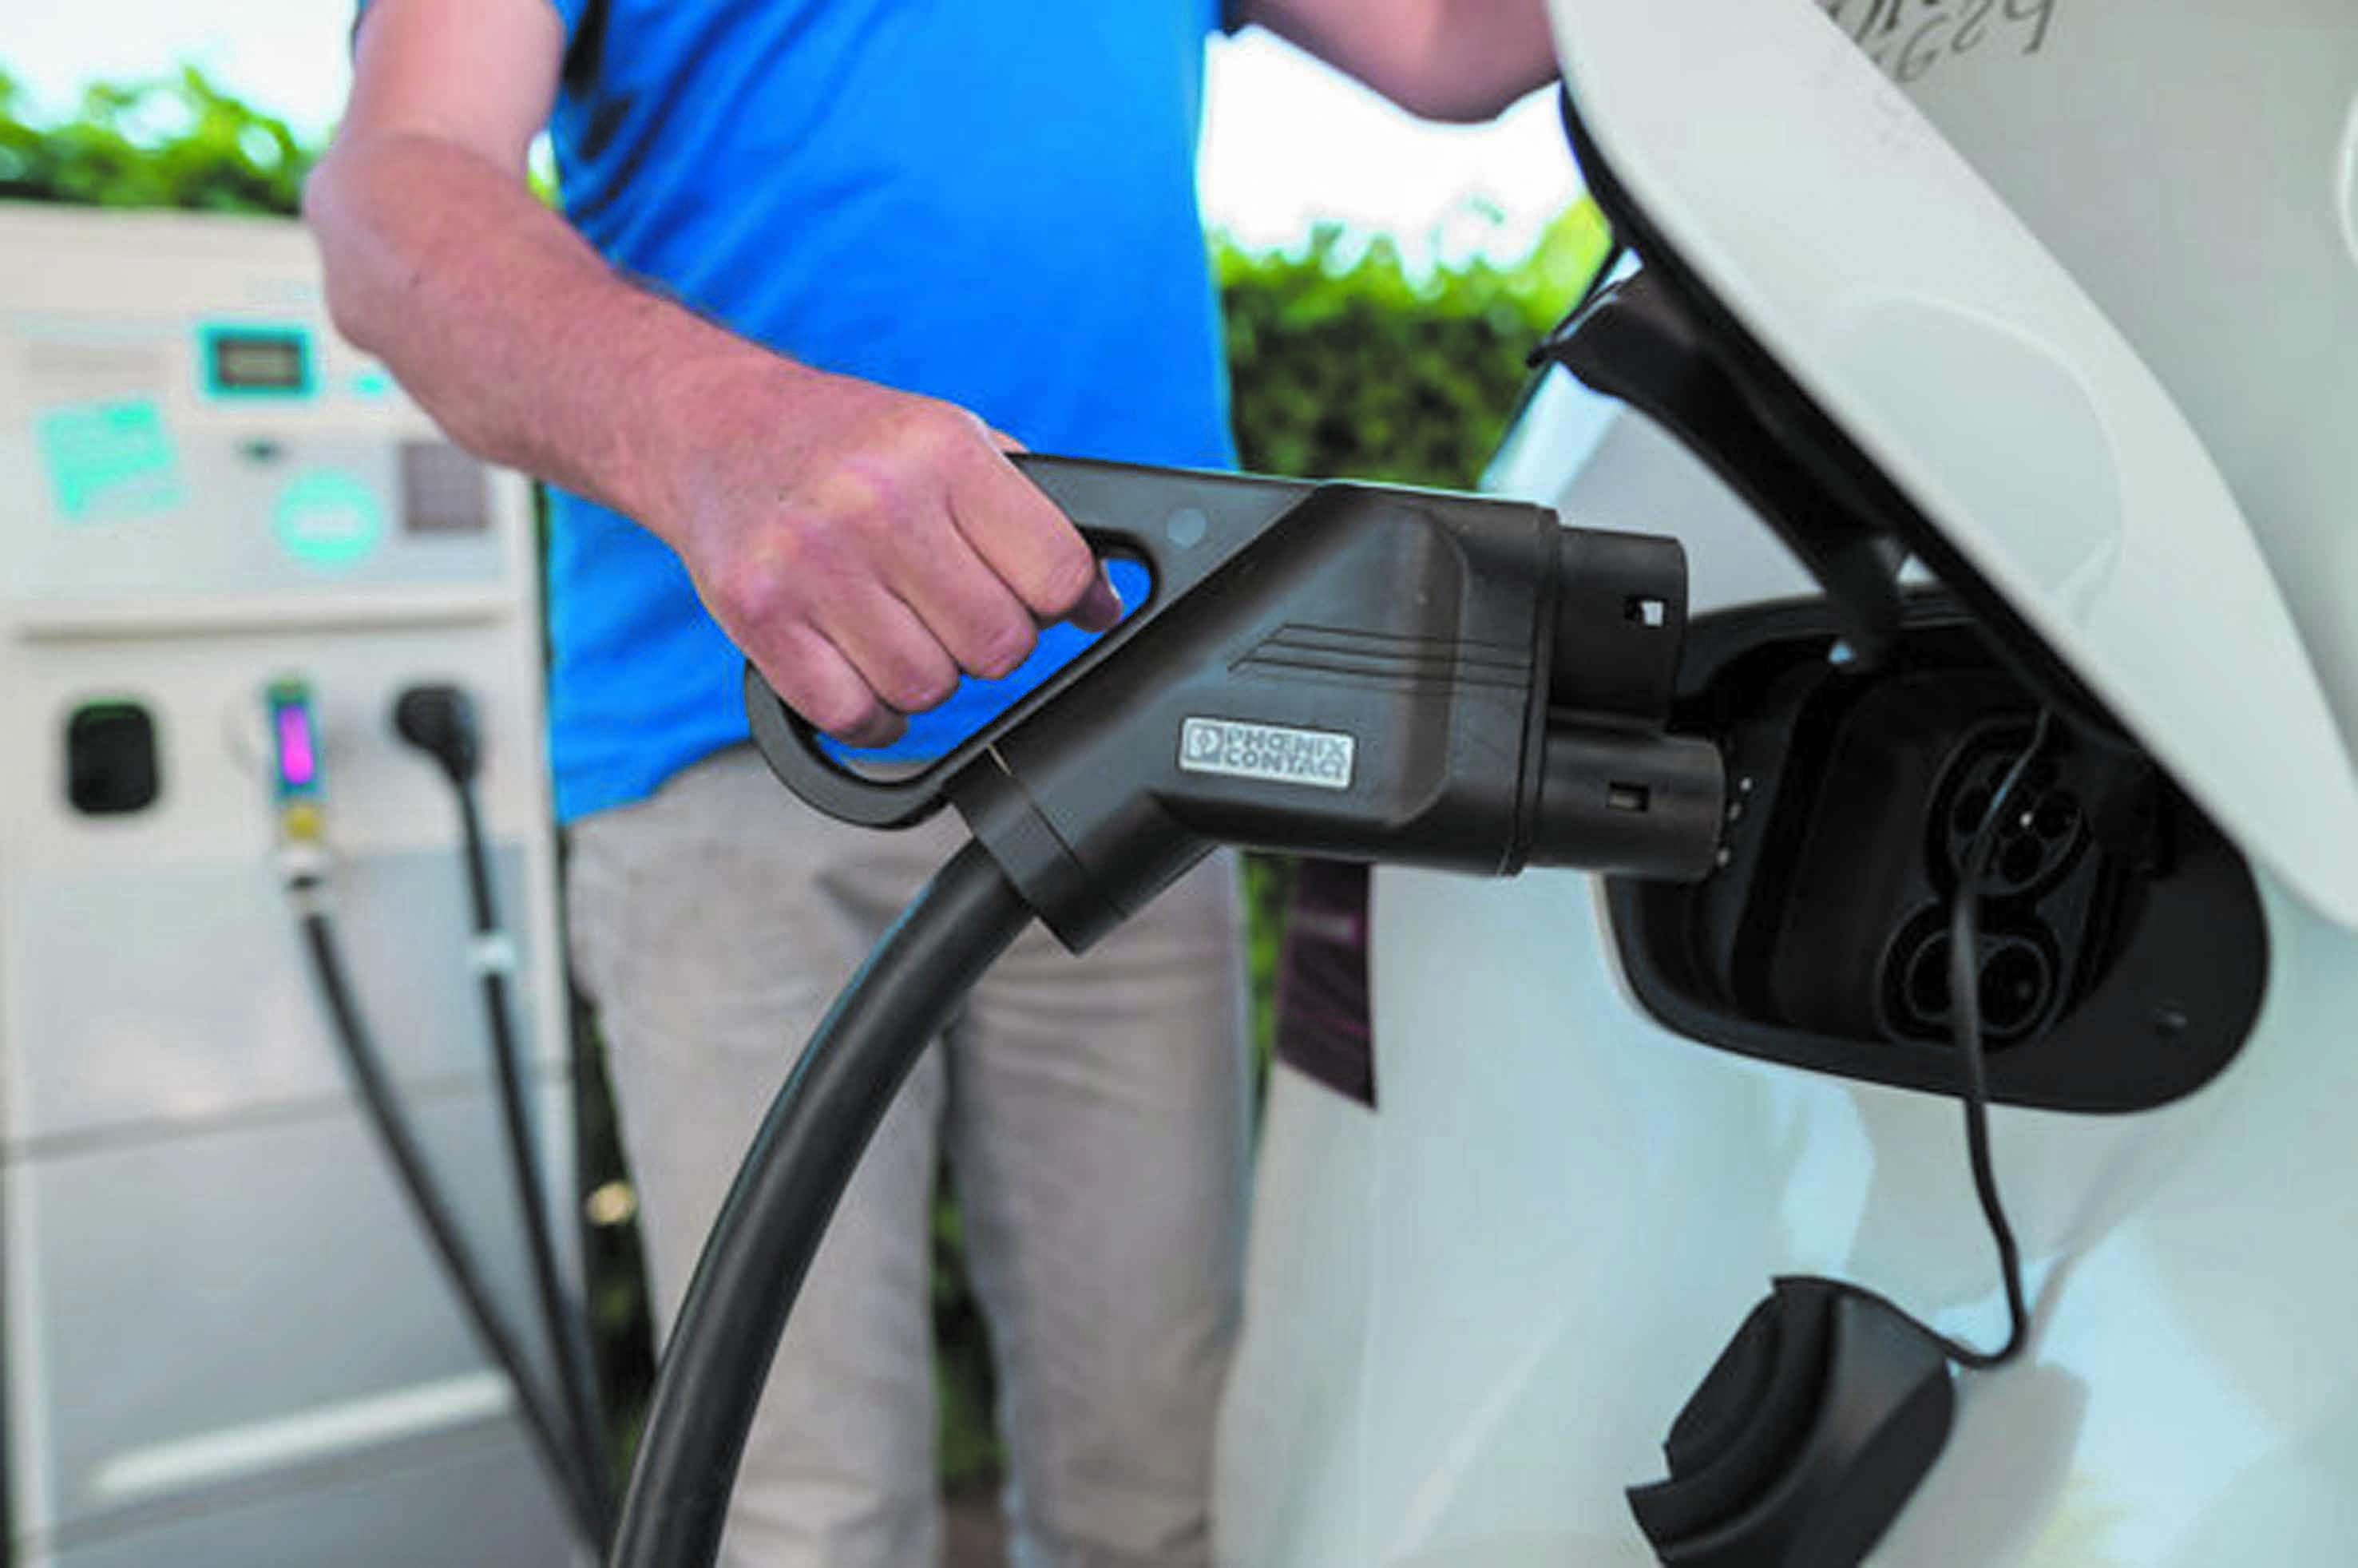 Nouvelles bornes de recharge pour véhicules électriques : Serait-ce suffisant pour  supplanter l'essence et le diesel ?